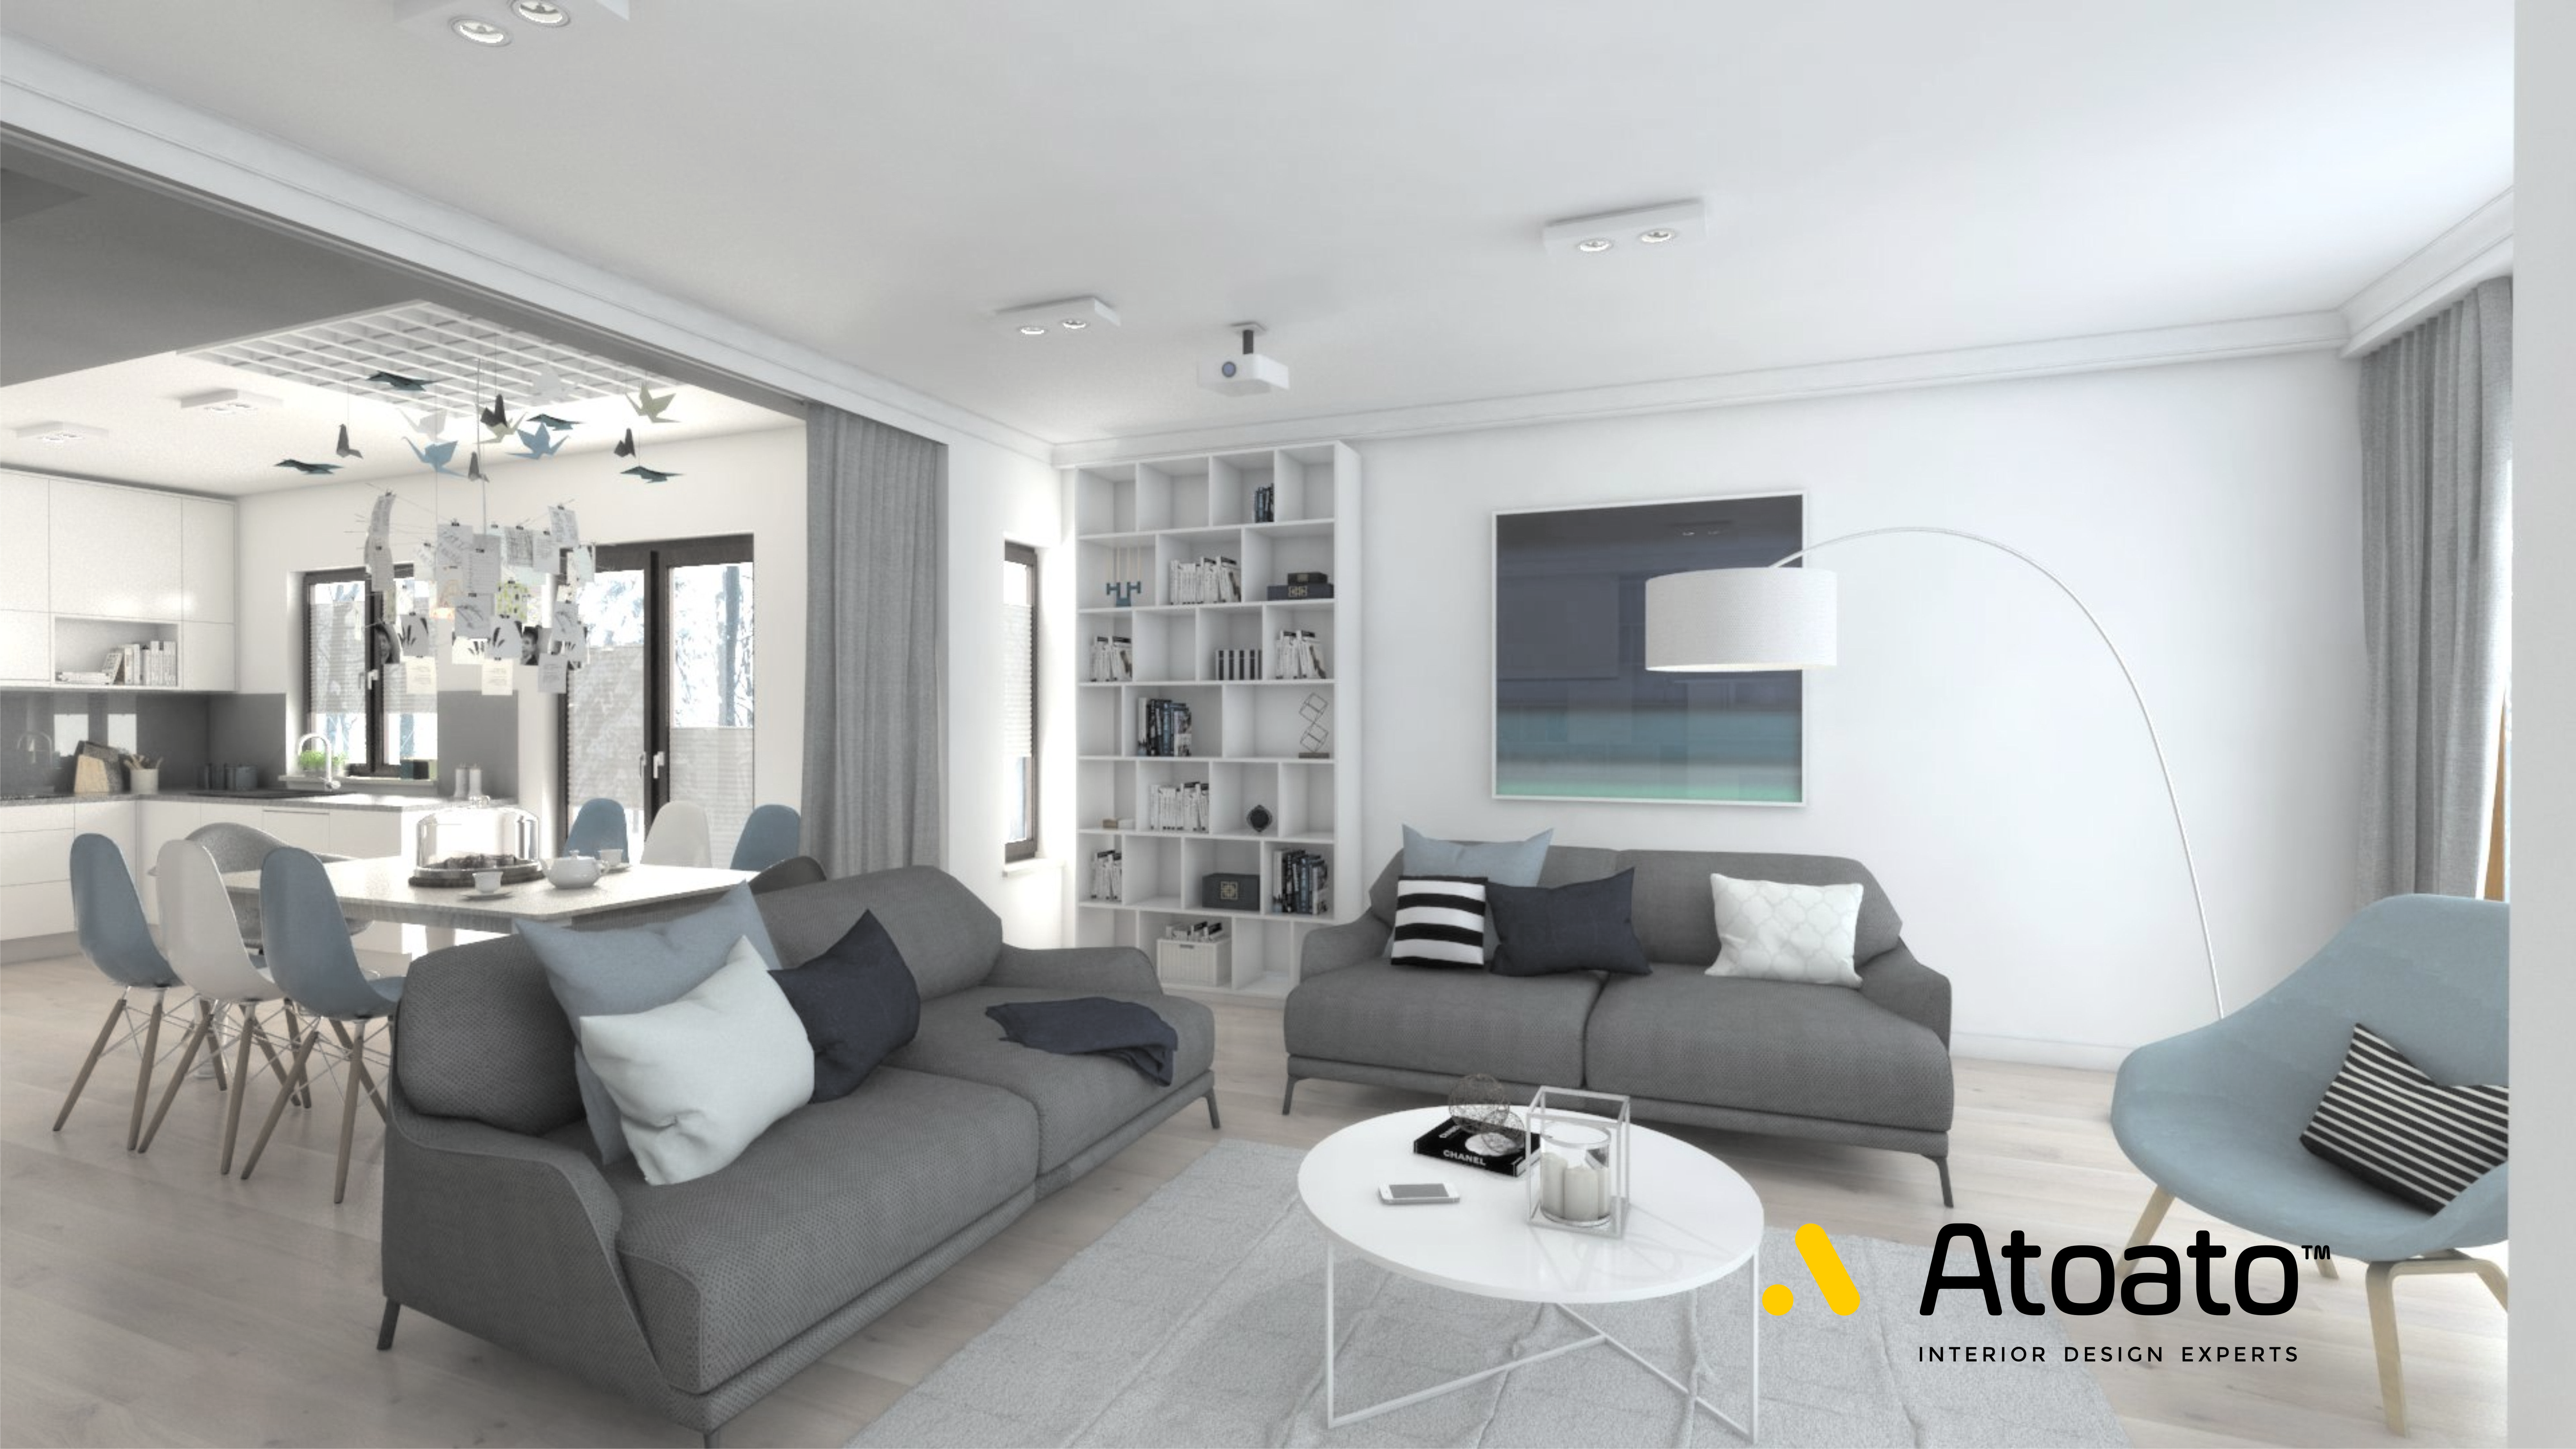 Pin By Jagoda On Atoato Team Office Home Decor Home Decor